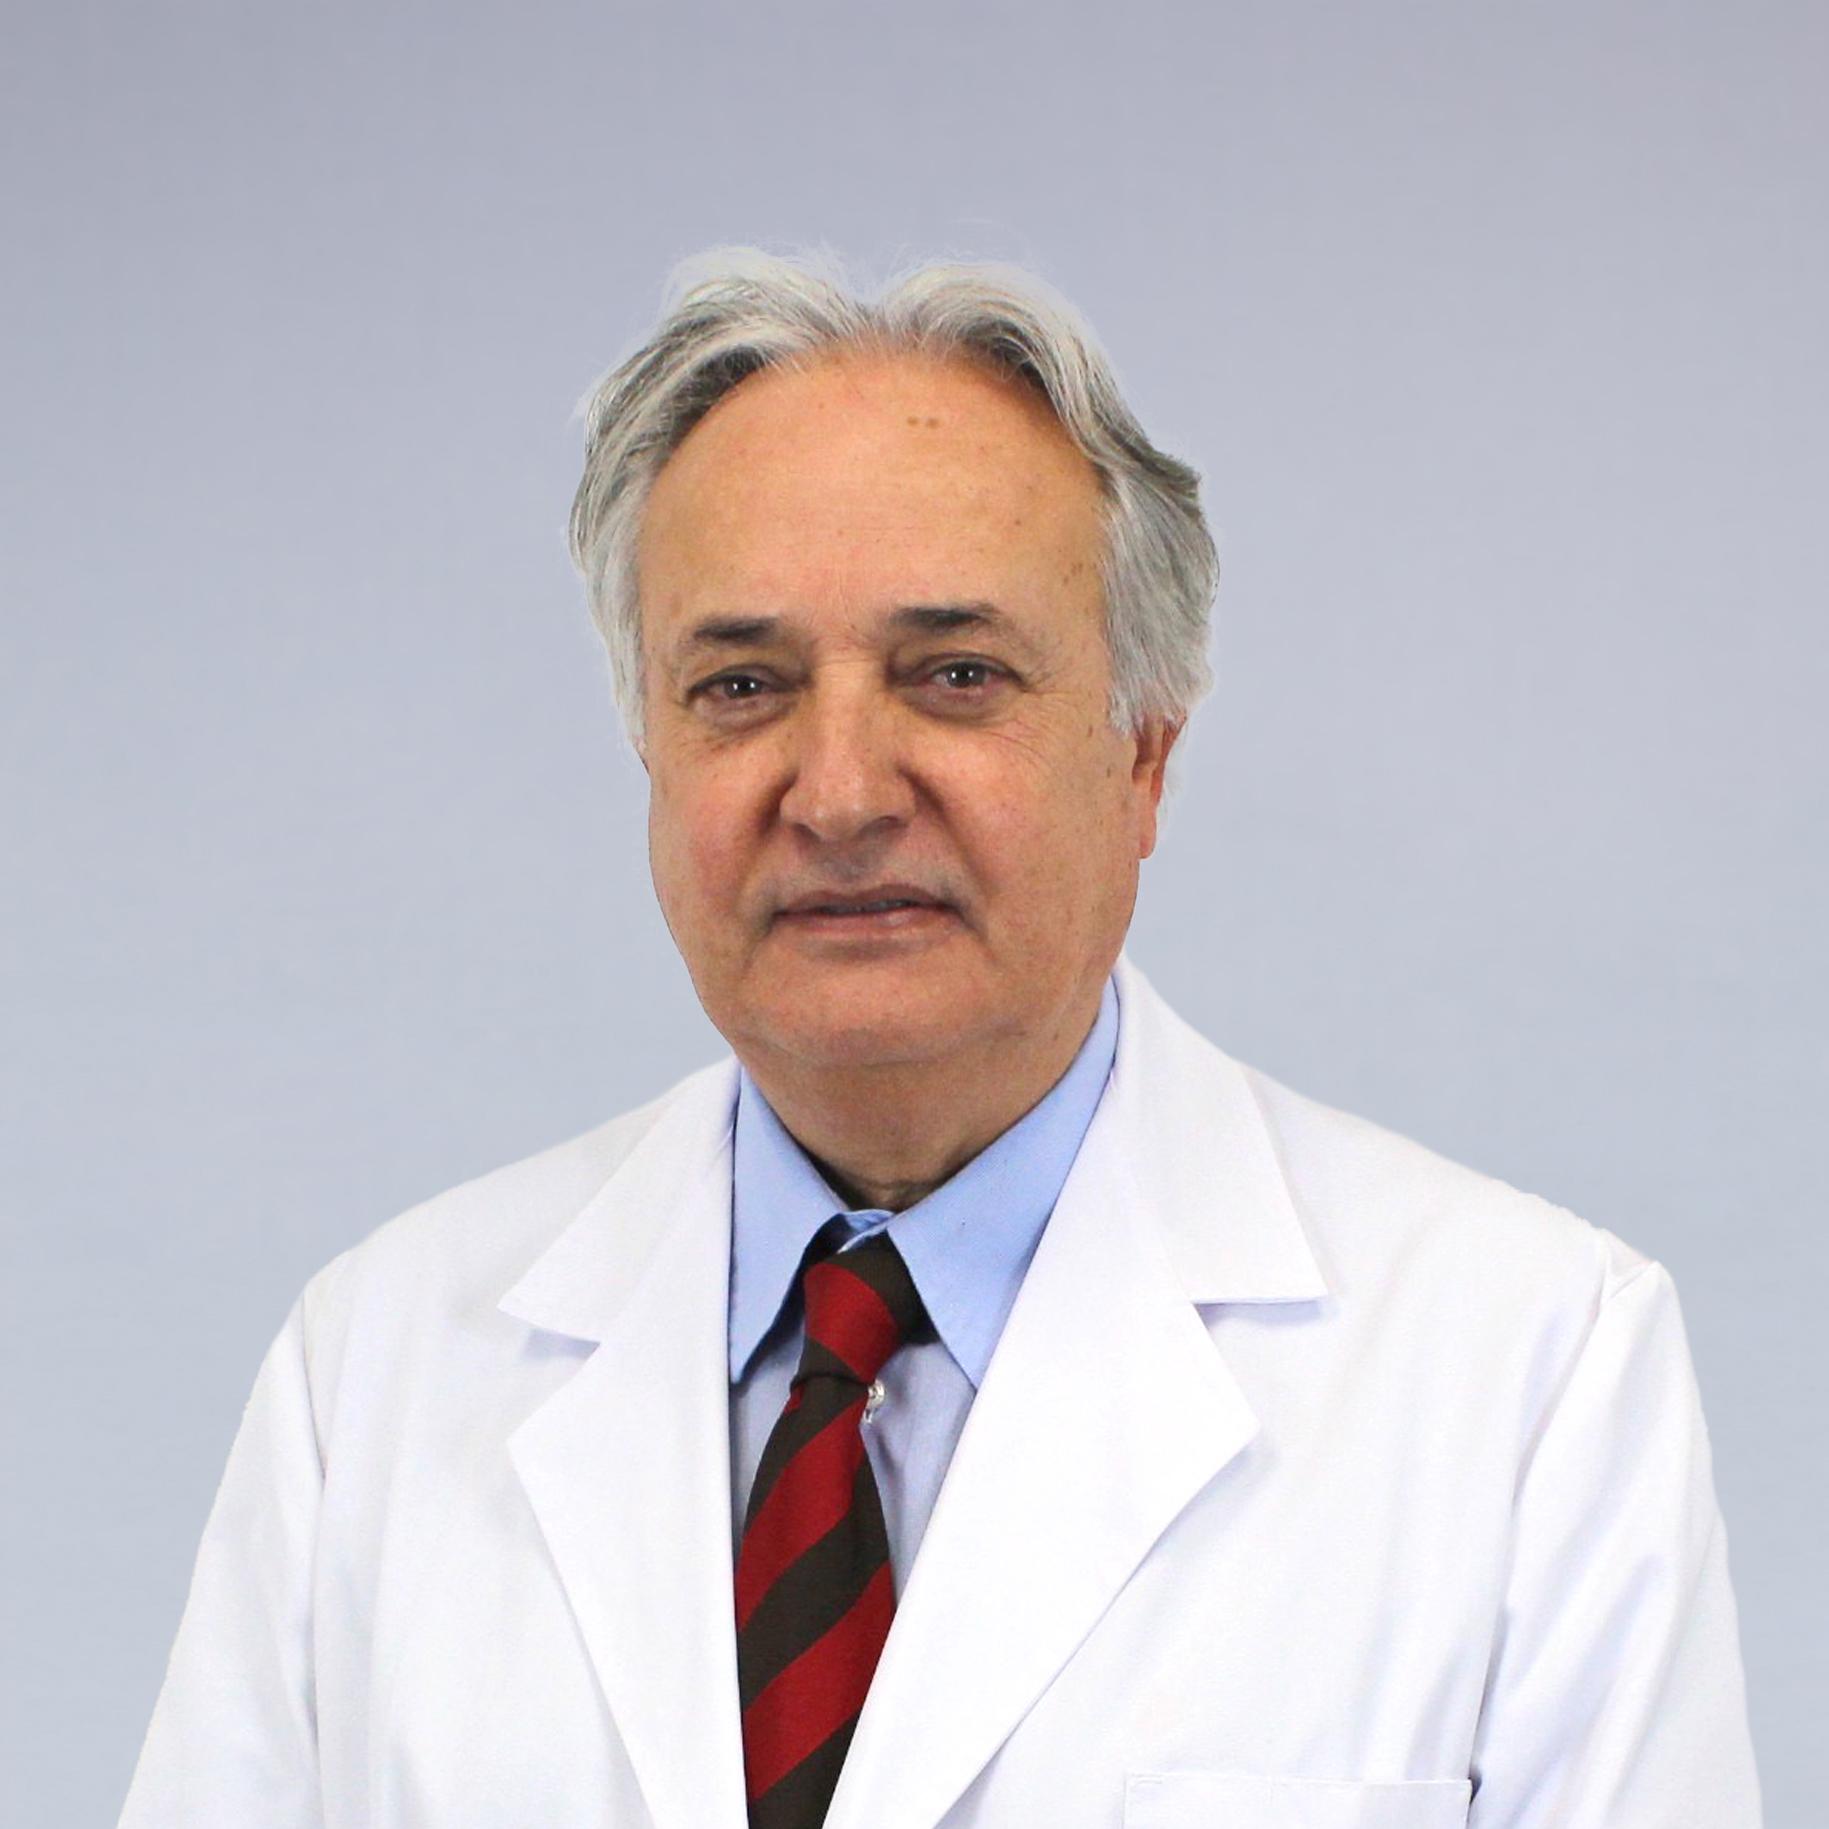 Víctor Vega Benítez